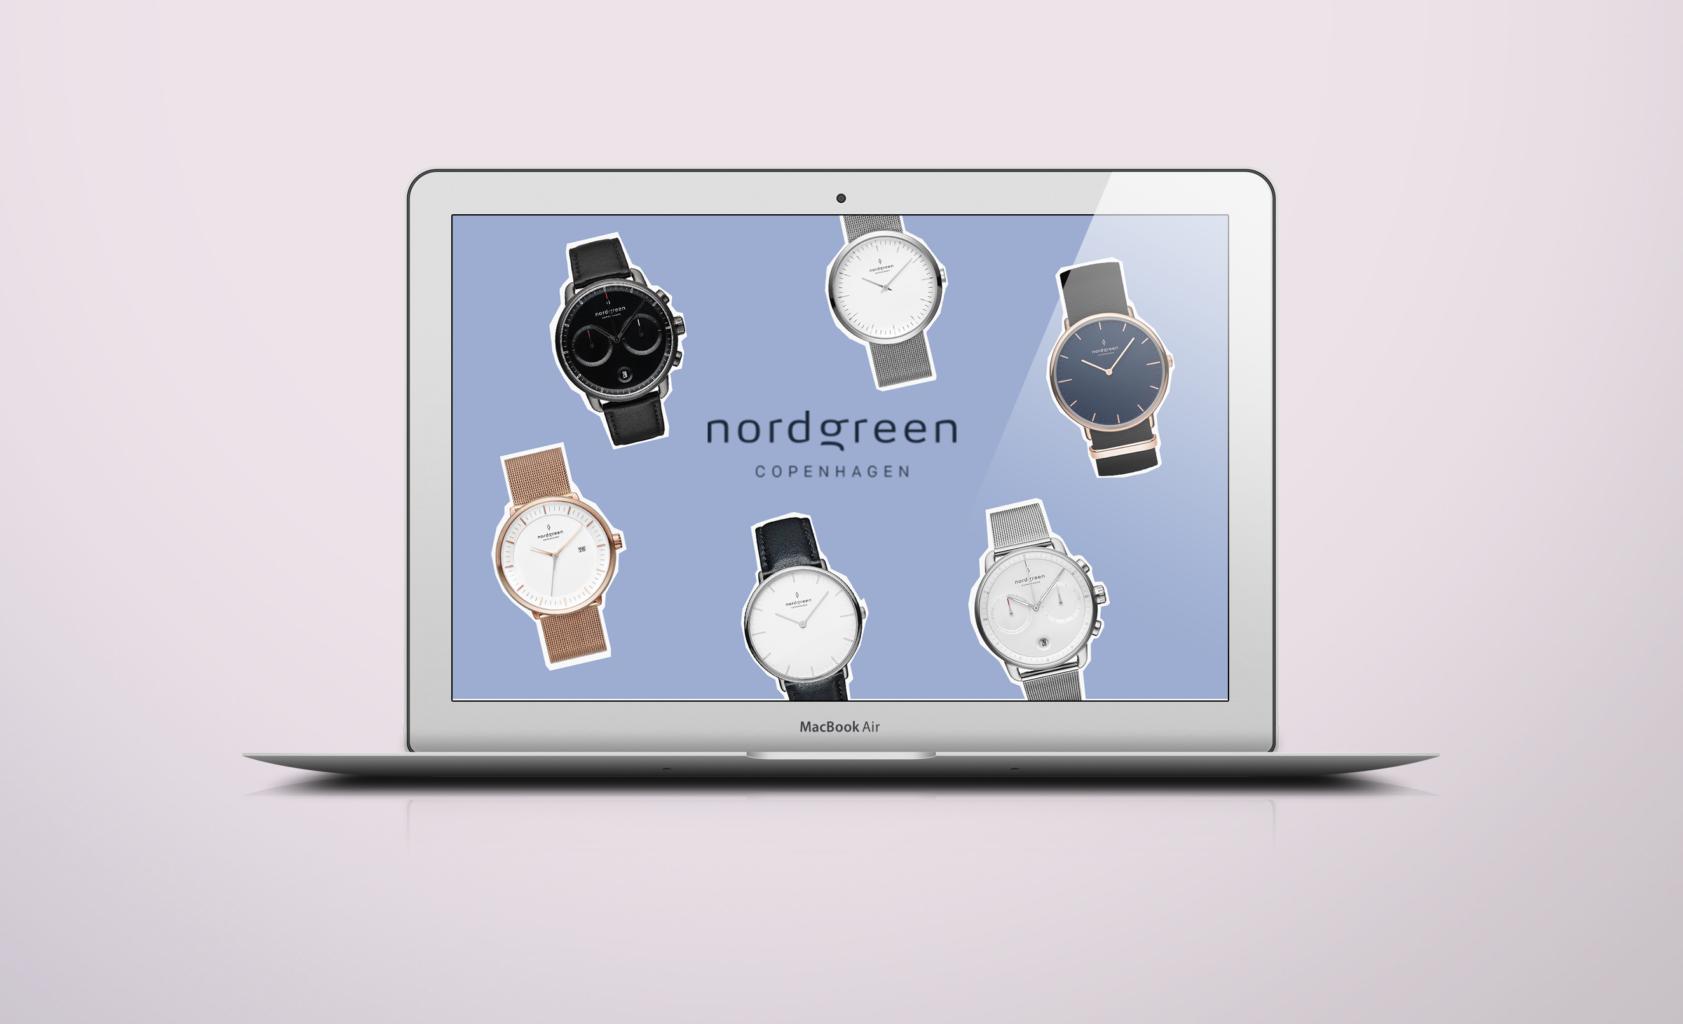 Nordgreen Nachhaltige Uhren Mode Fair Fashion Rabatt Gutschein Code Vegan